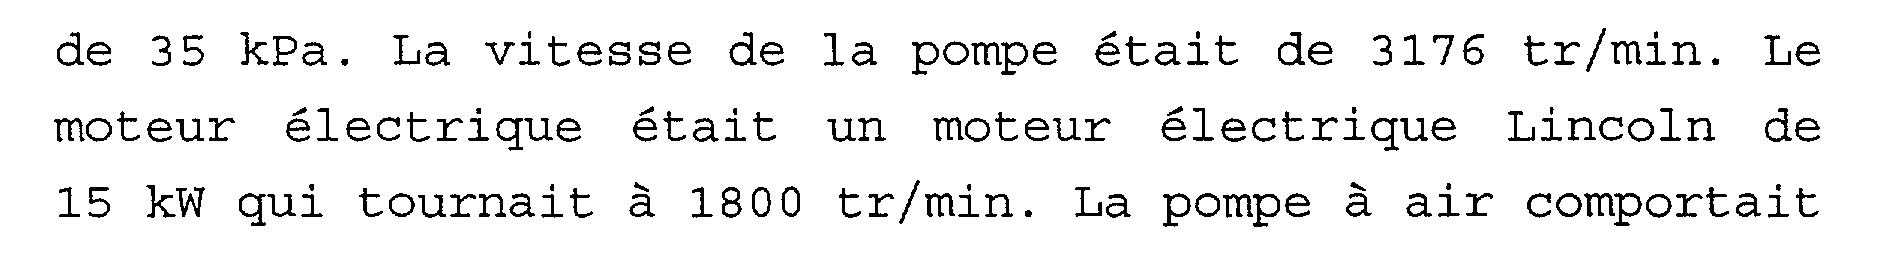 Figure img00450001